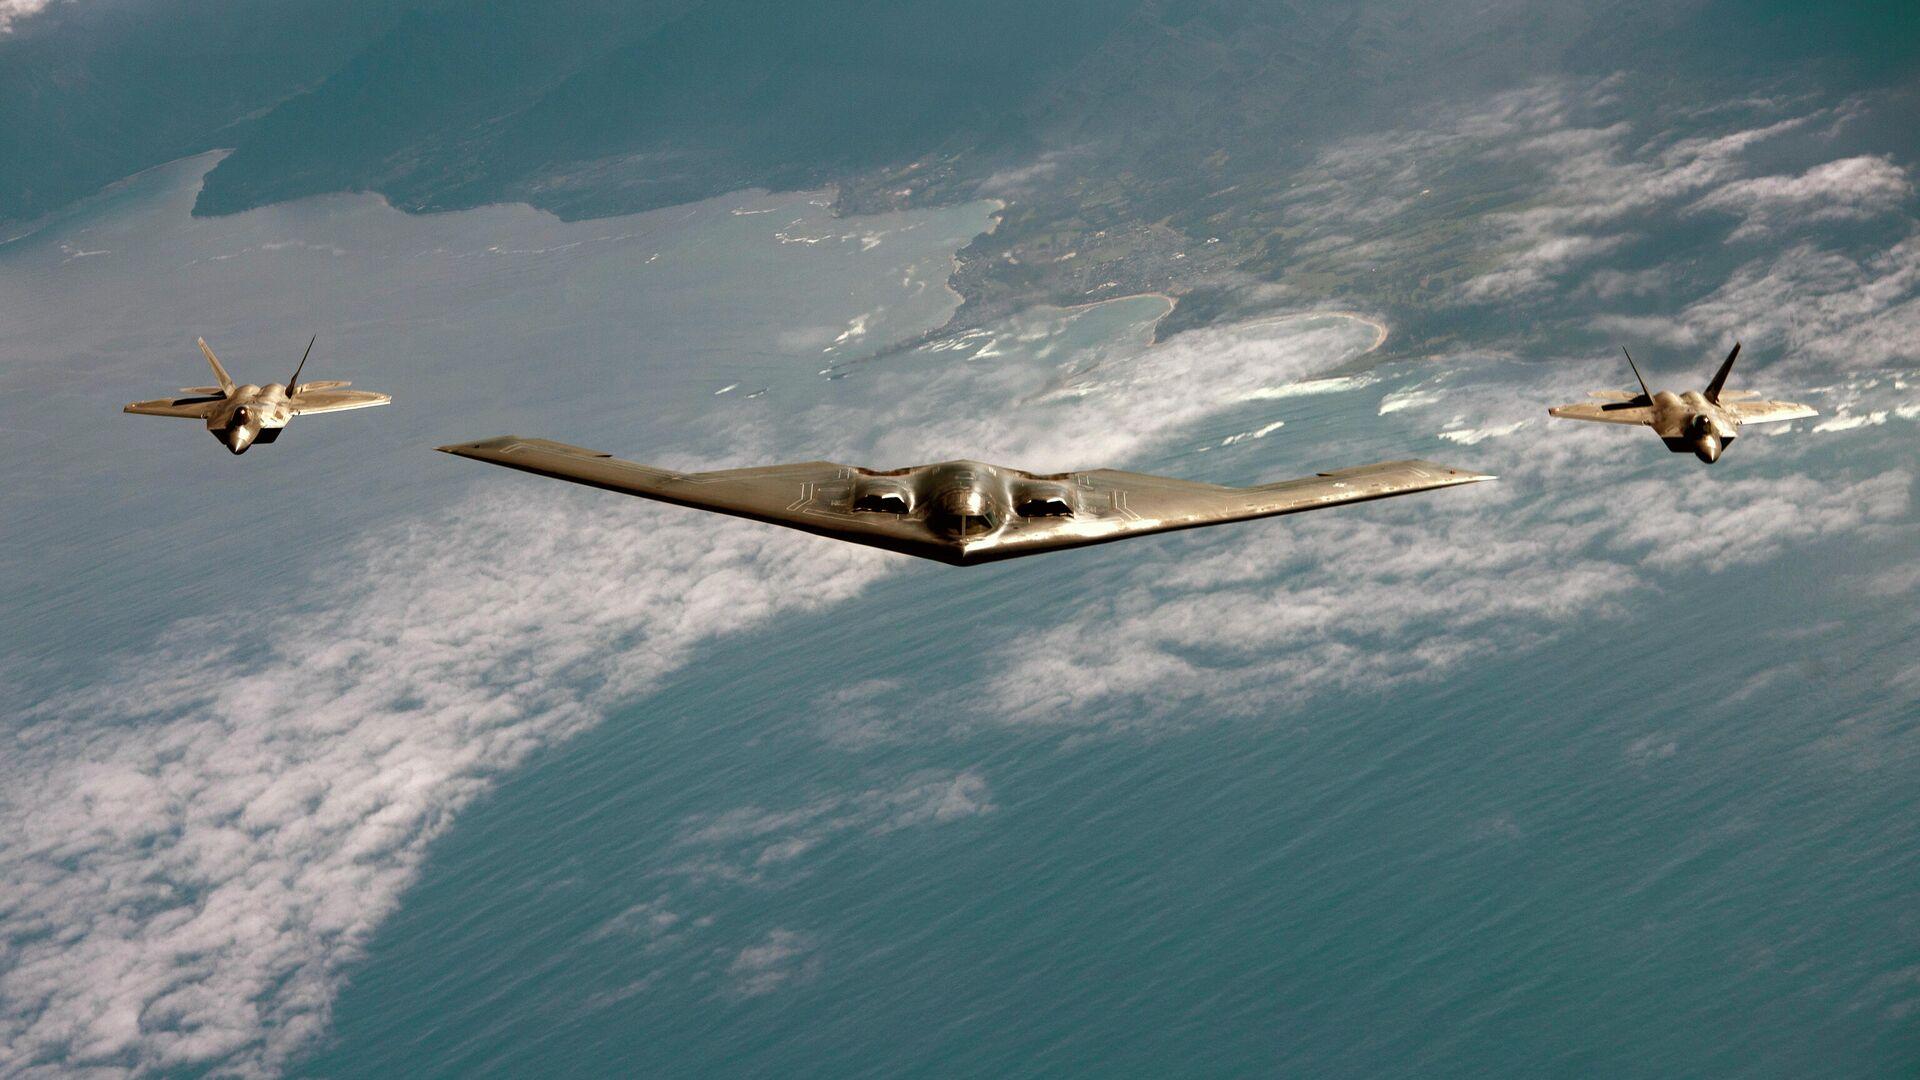 Американский малозаметный стратегический бомбардировщик Northrop B-2 Spirit в сопровождении истребителей F-22 Raptor - РИА Новости, 1920, 03.10.2020